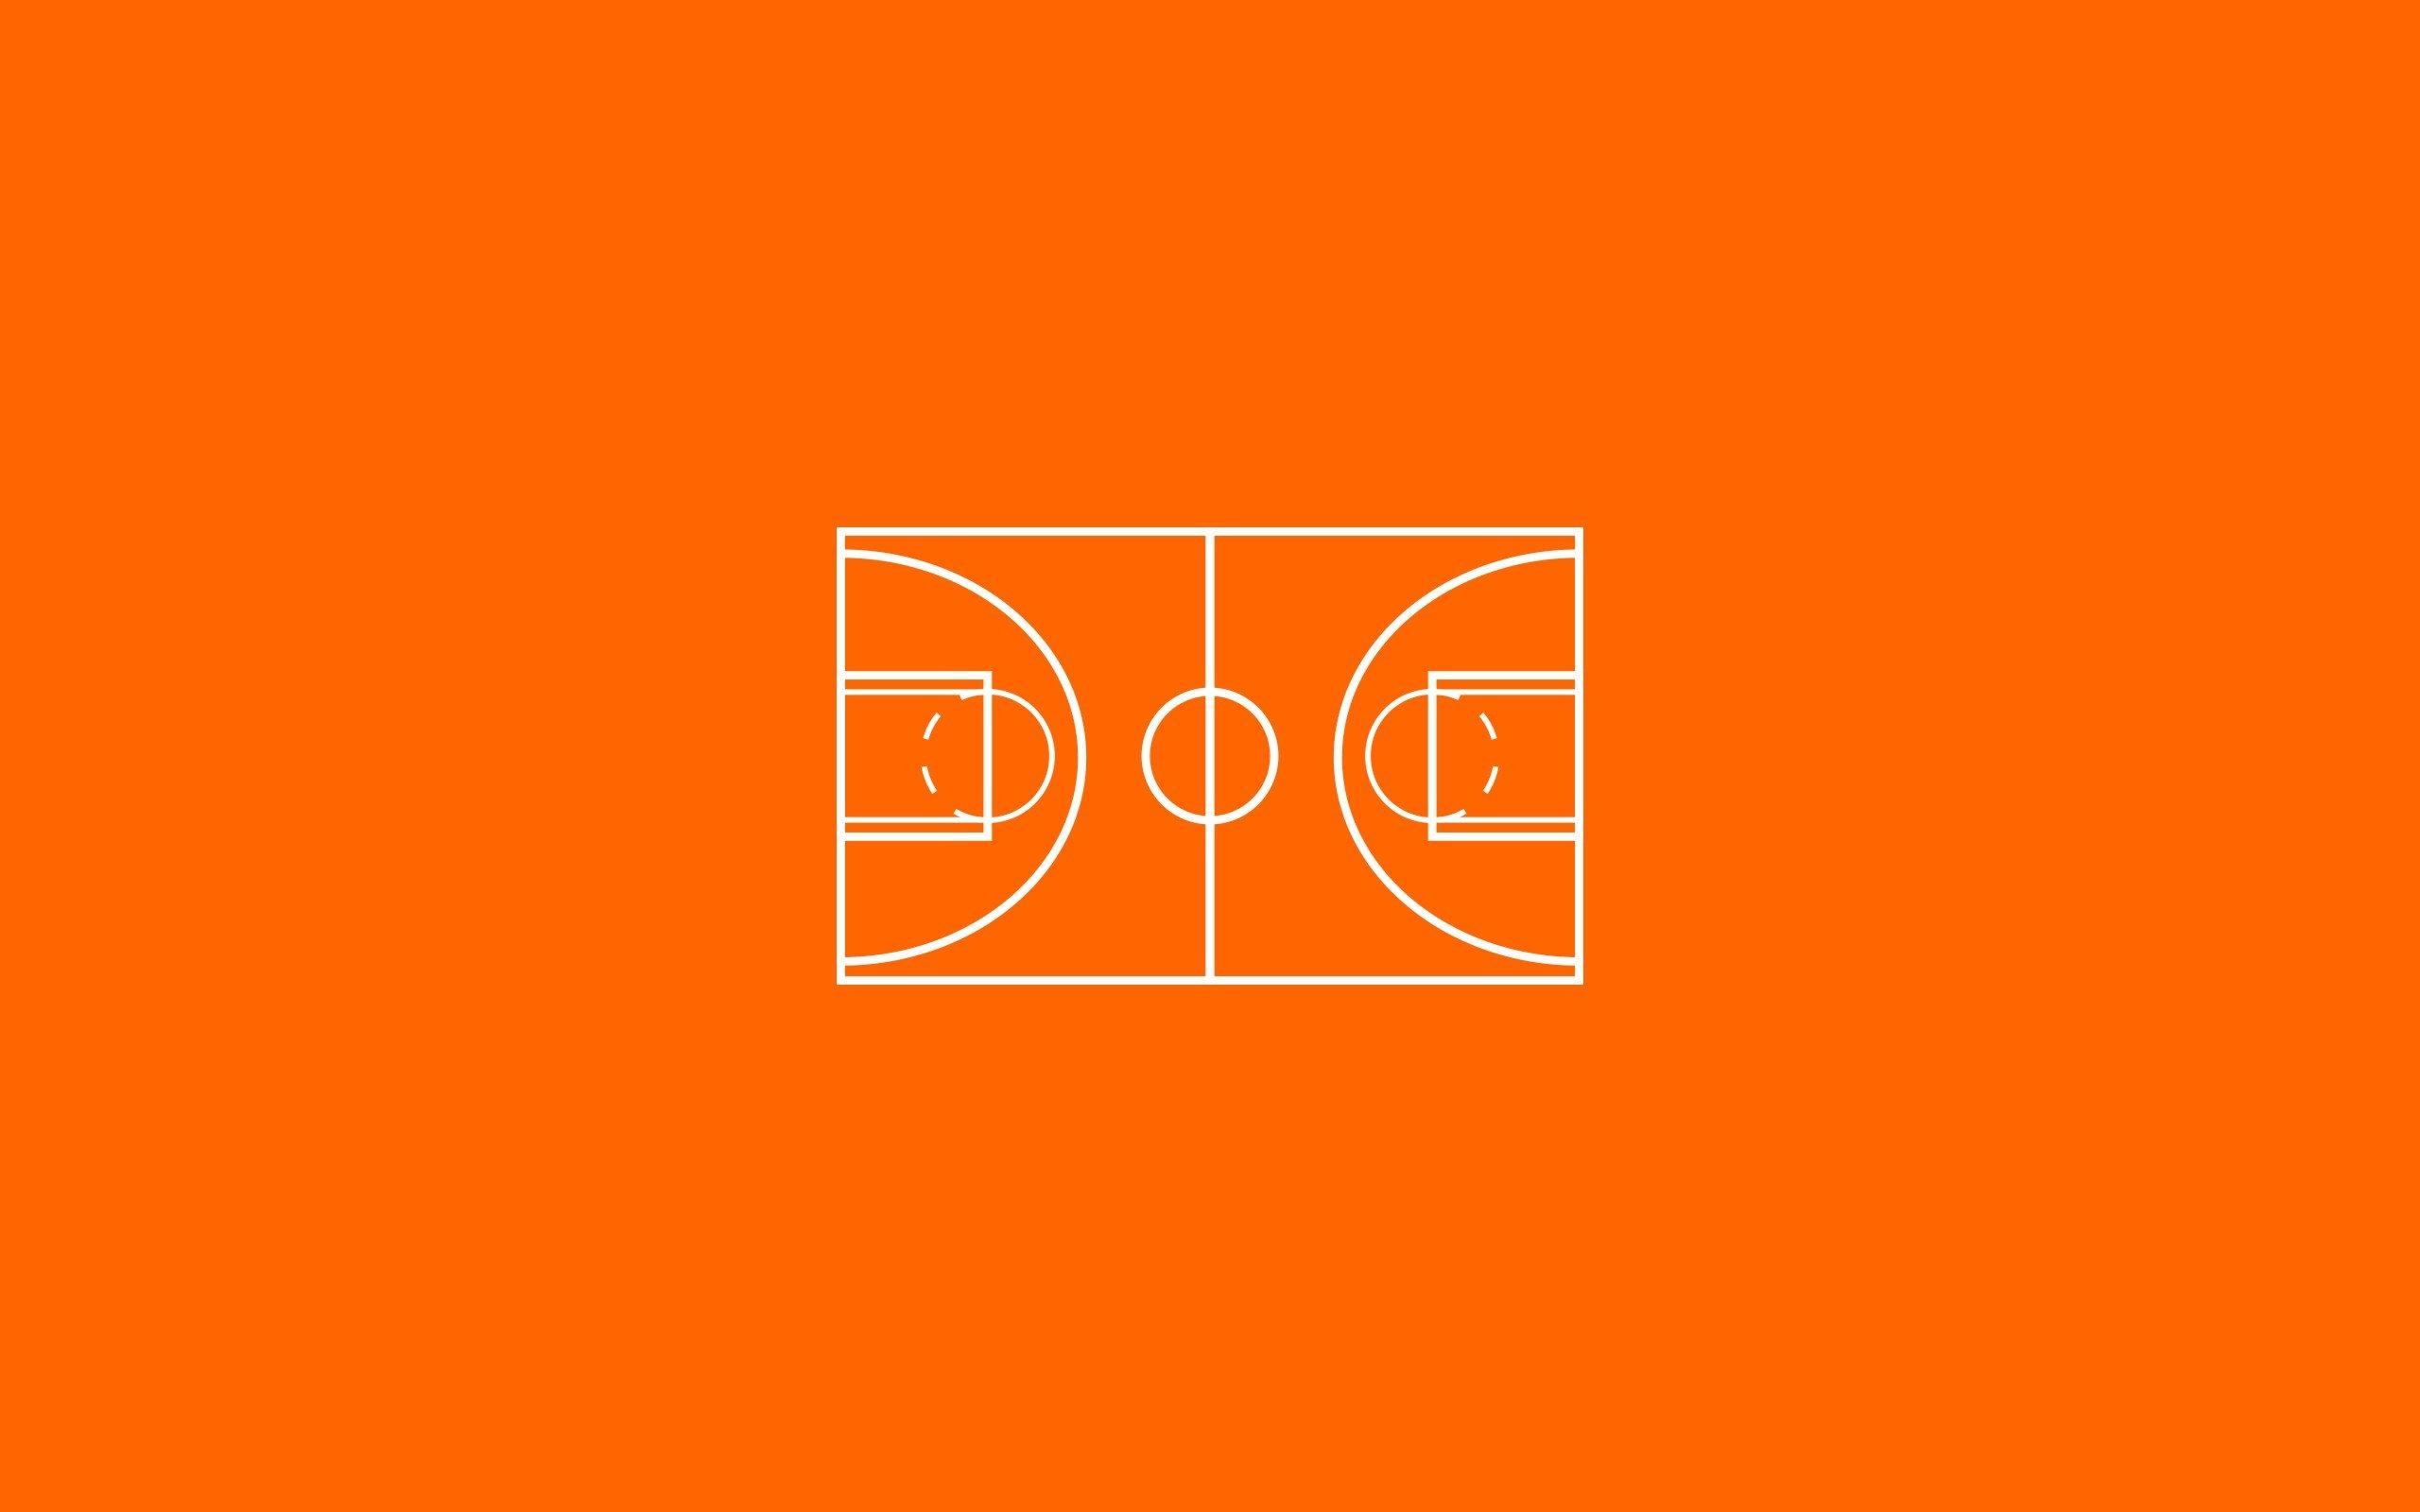 Minimalism basketball court wallpaper 2560x1600 493665 - Court wallpaper ...